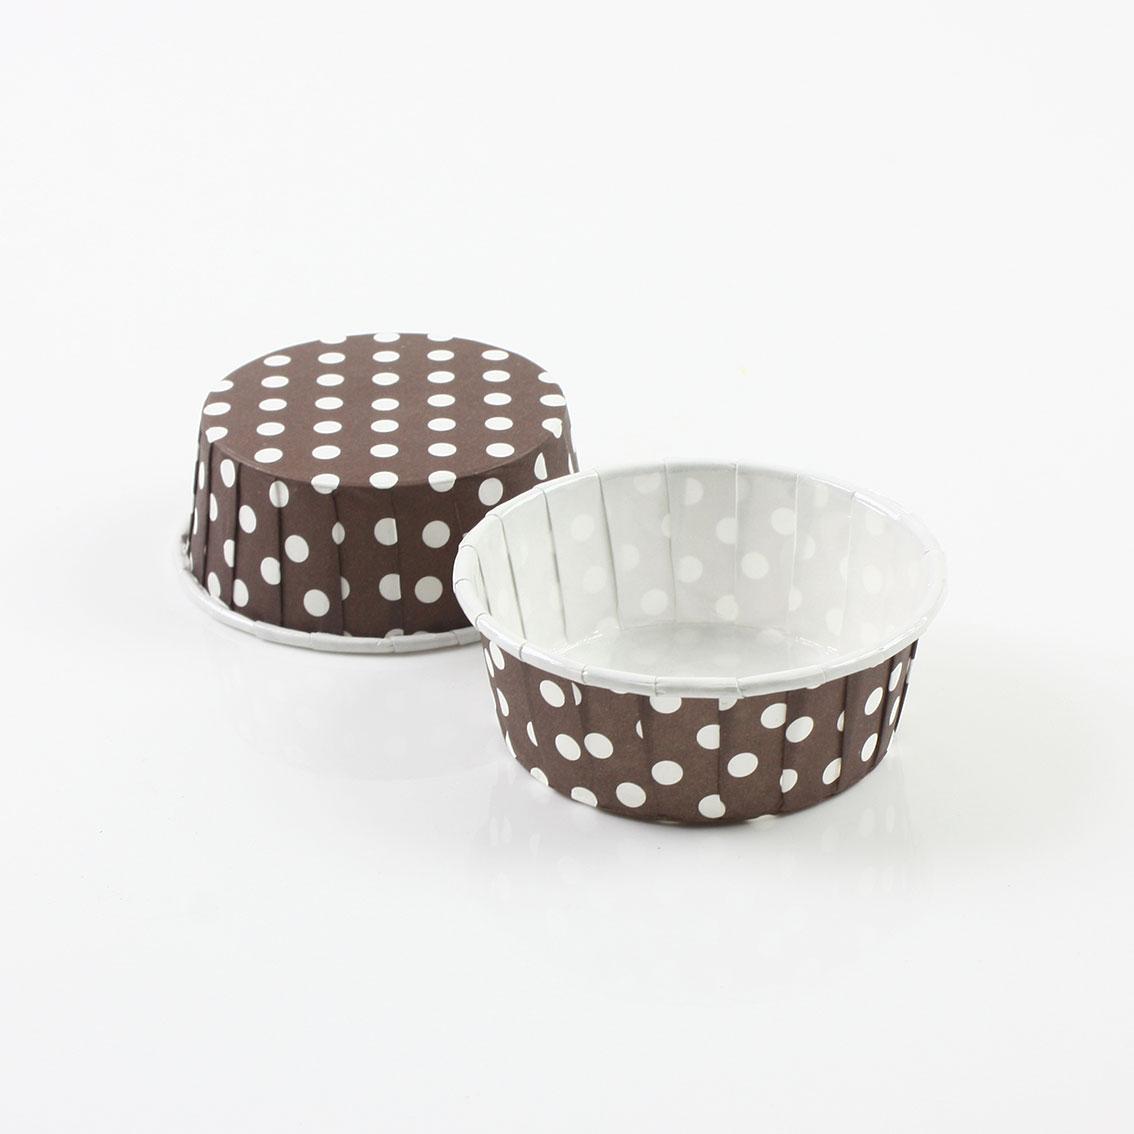 瑪芬杯、杯子蛋糕、捲口杯 PET5524-04 圓點咖啡(100pcs/包)